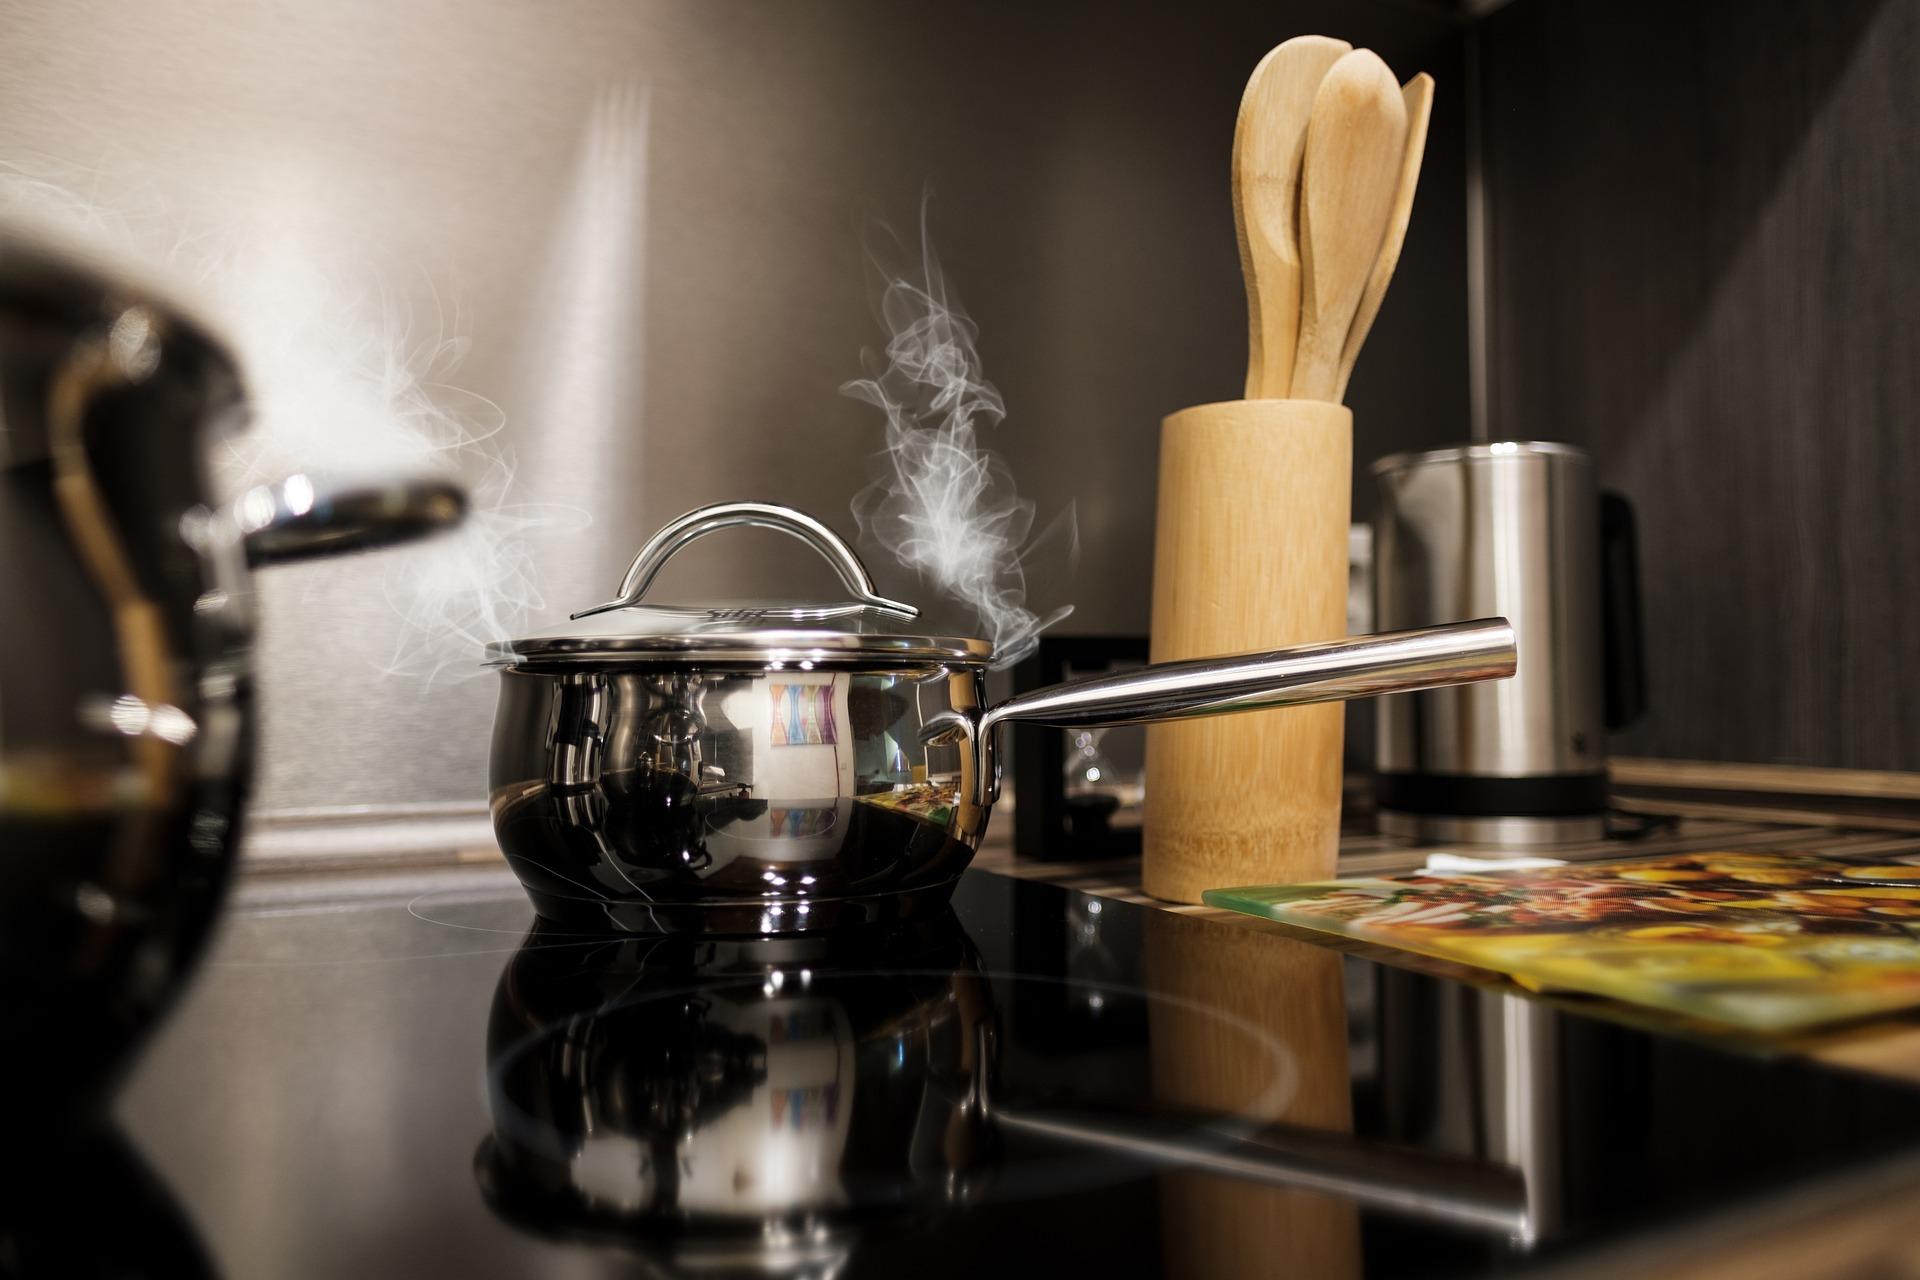 cuisinieère induction avec crédence